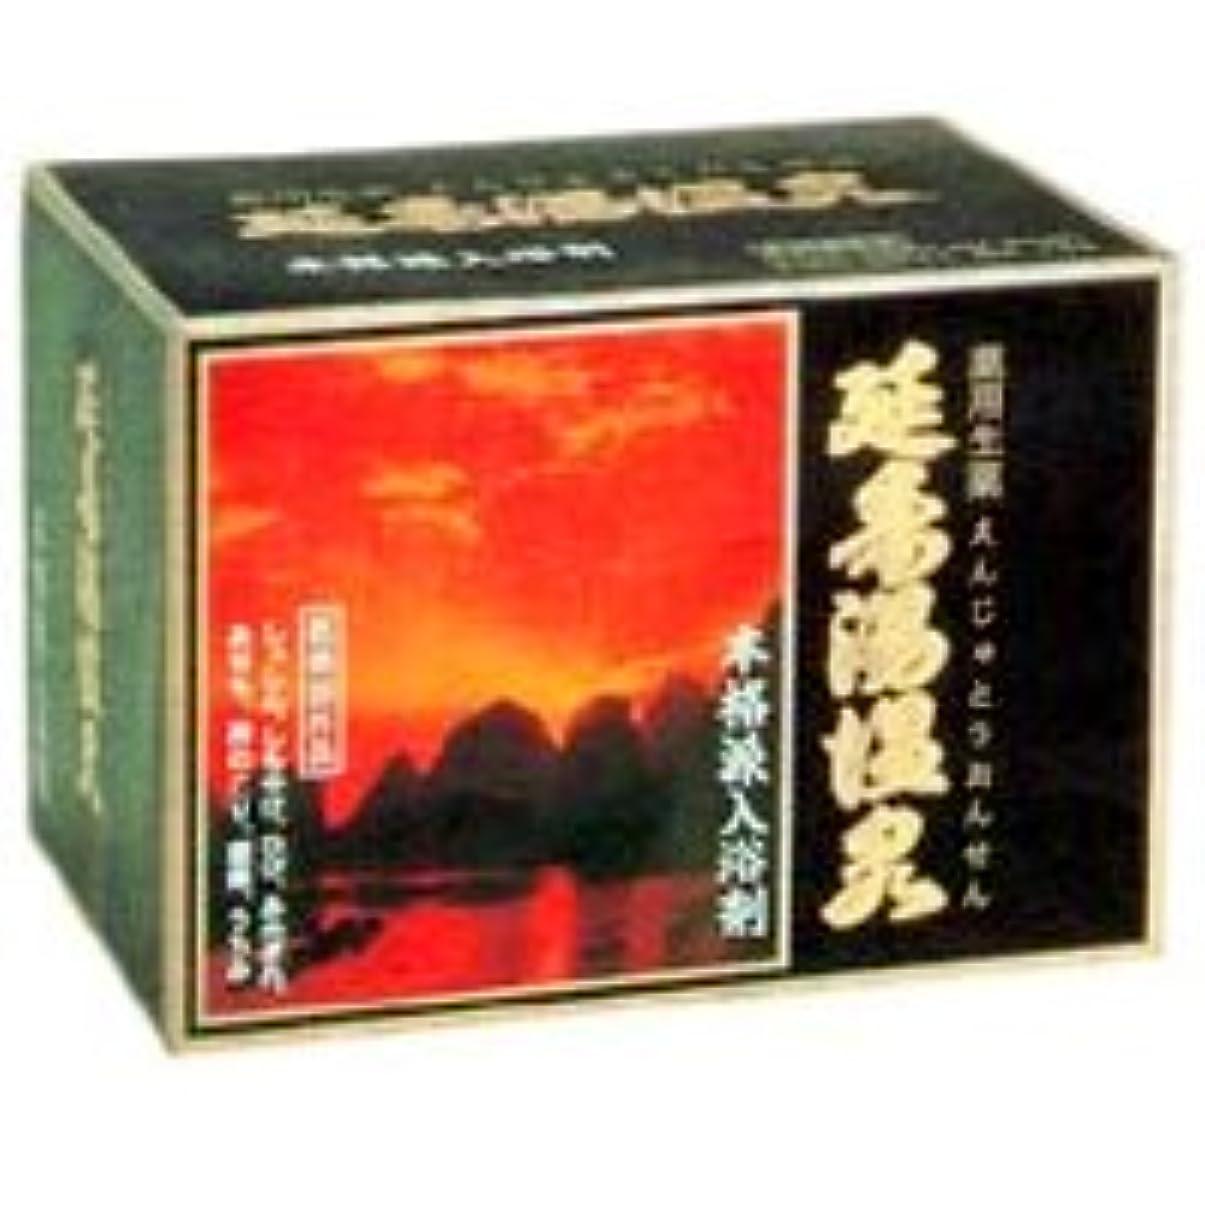 親密な比較的セットアップ入浴剤 延寿湯温泉(えんじゅとう)12包入×3箱+5包おまけ 天然生薬配合 医薬部外品